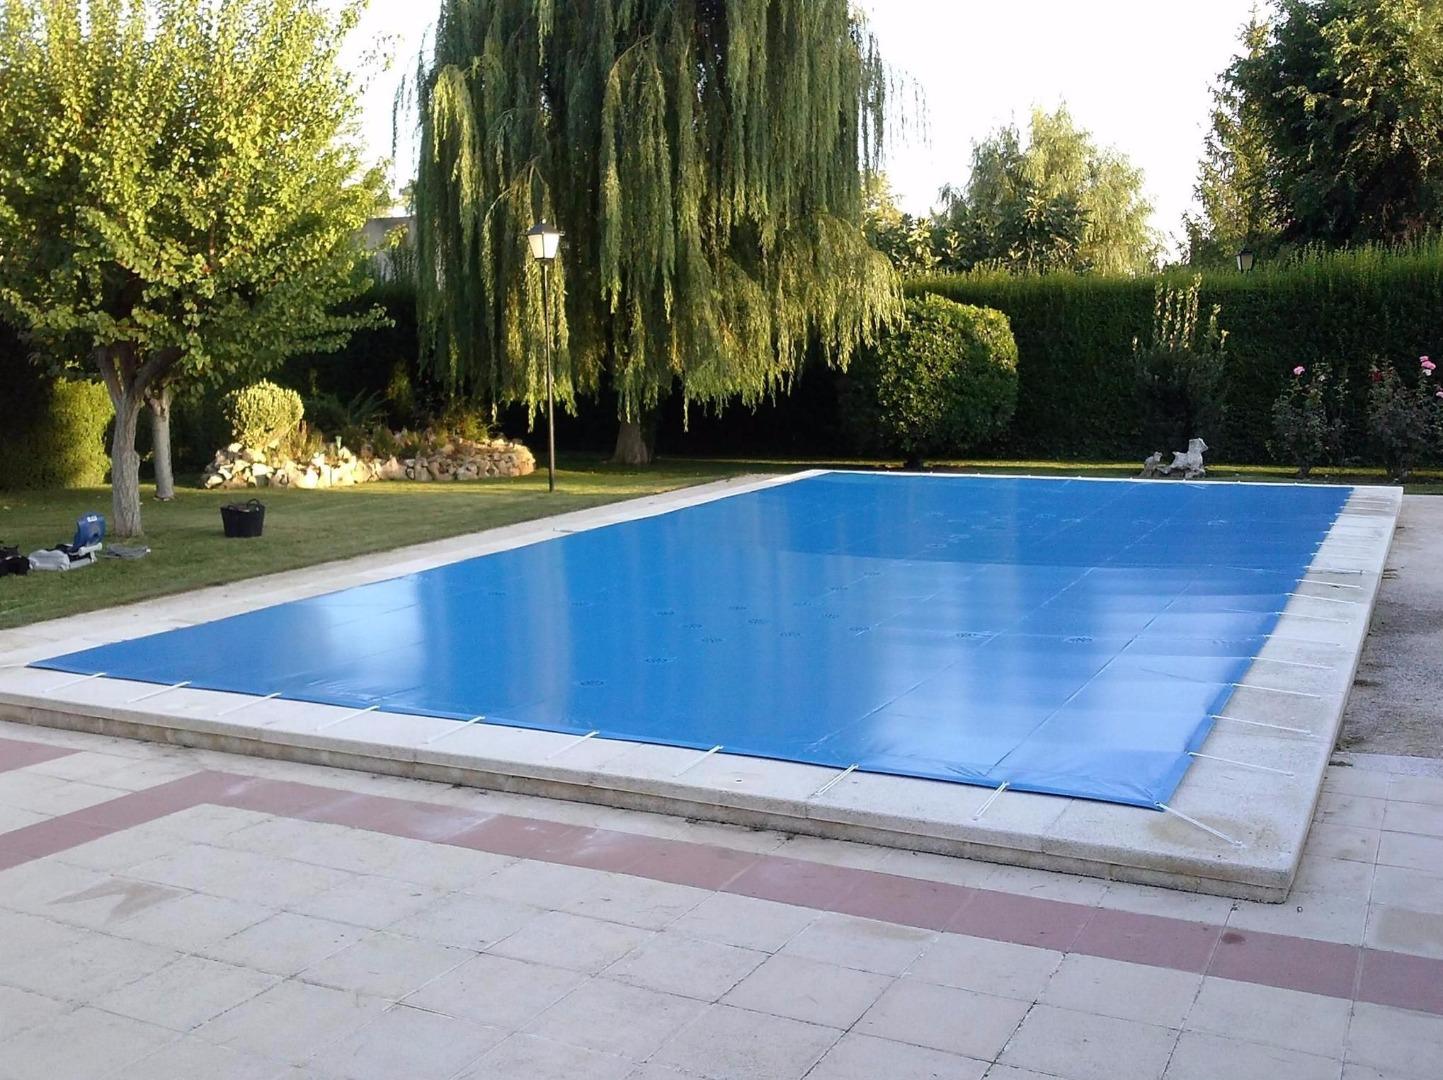 Aquastil piscinas j vea construcci n y mantenimiento - Piscinas cubiertas alcobendas ...